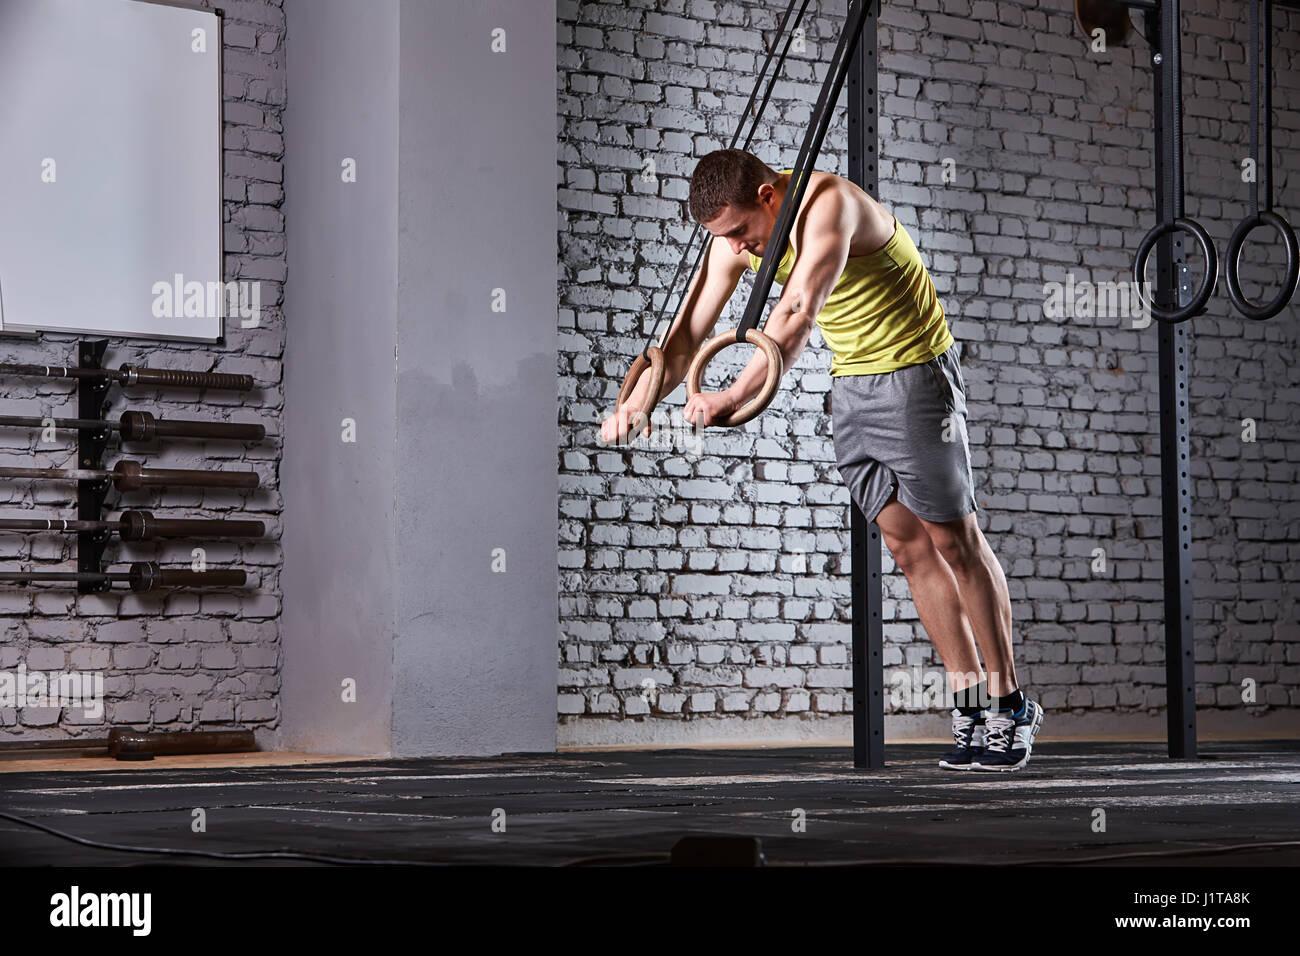 Jovem Homem no sportwear atlético formação em cruz aplicar ginásio com anéis contra a parede Imagens de Stock